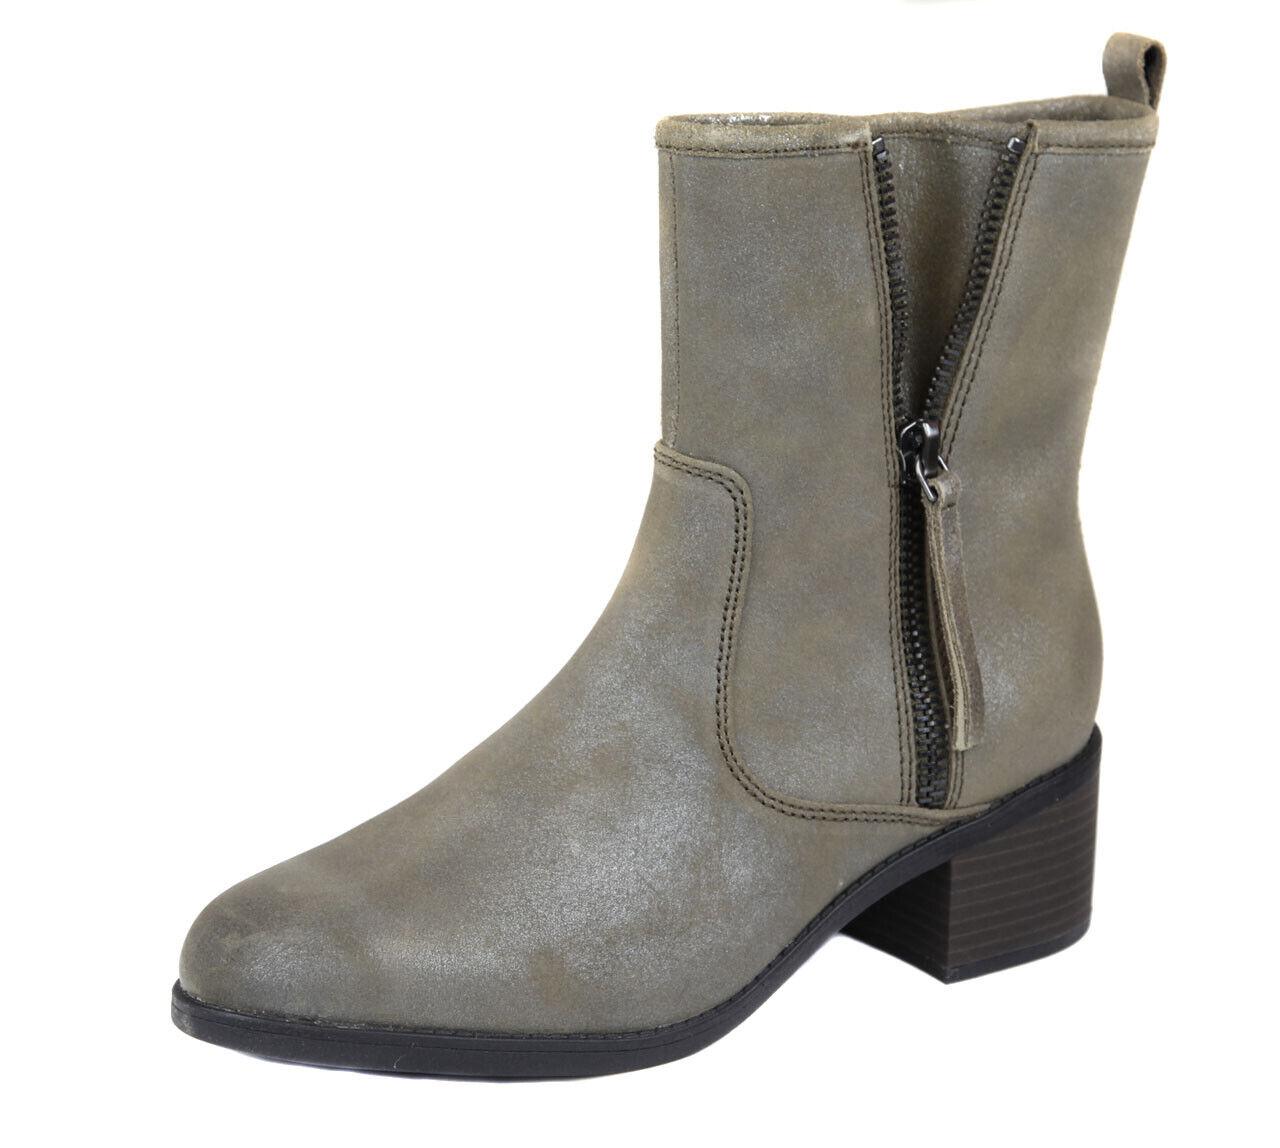 mejor precio Clarks Mujer gris Topo Oscuro Nevella Devop Cuero Cuero Cuero Botín botas Zapatos Ret Nuevo  ventas calientes